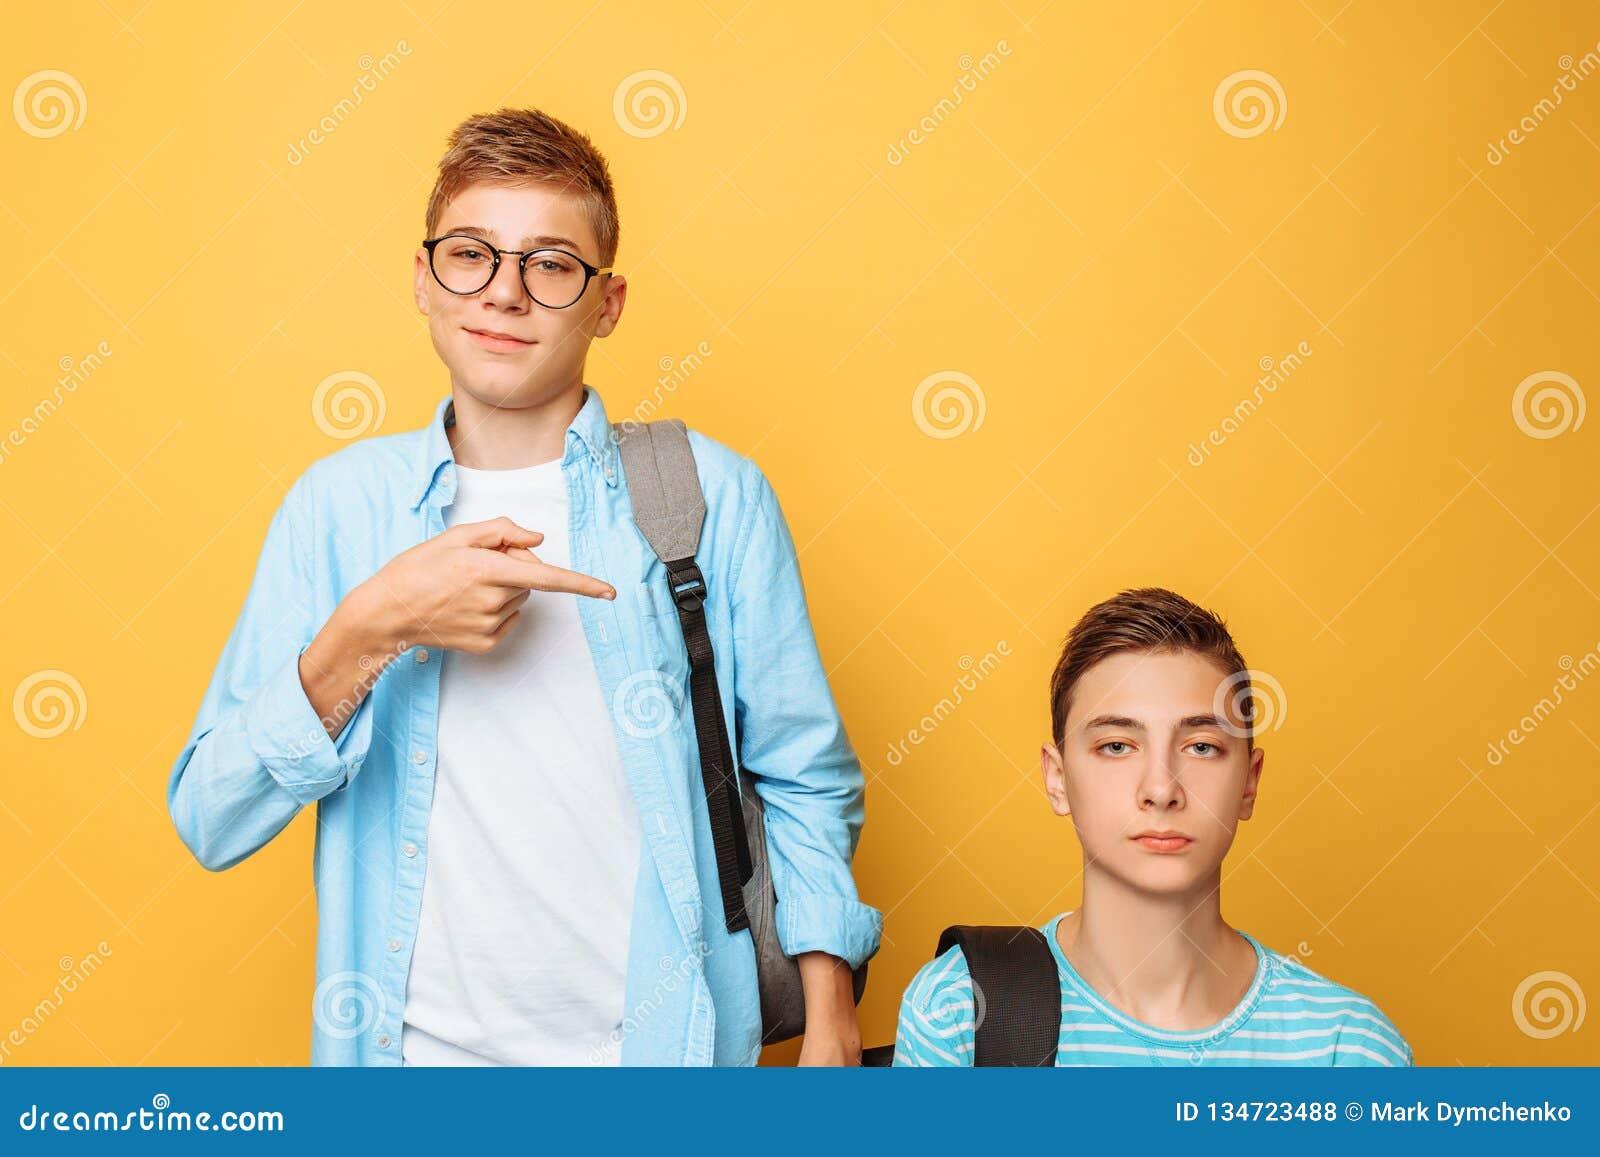 Dos amigos adolescentes, un individuo humillan al otro, popular humillan el impopular, en un fondo amarillo